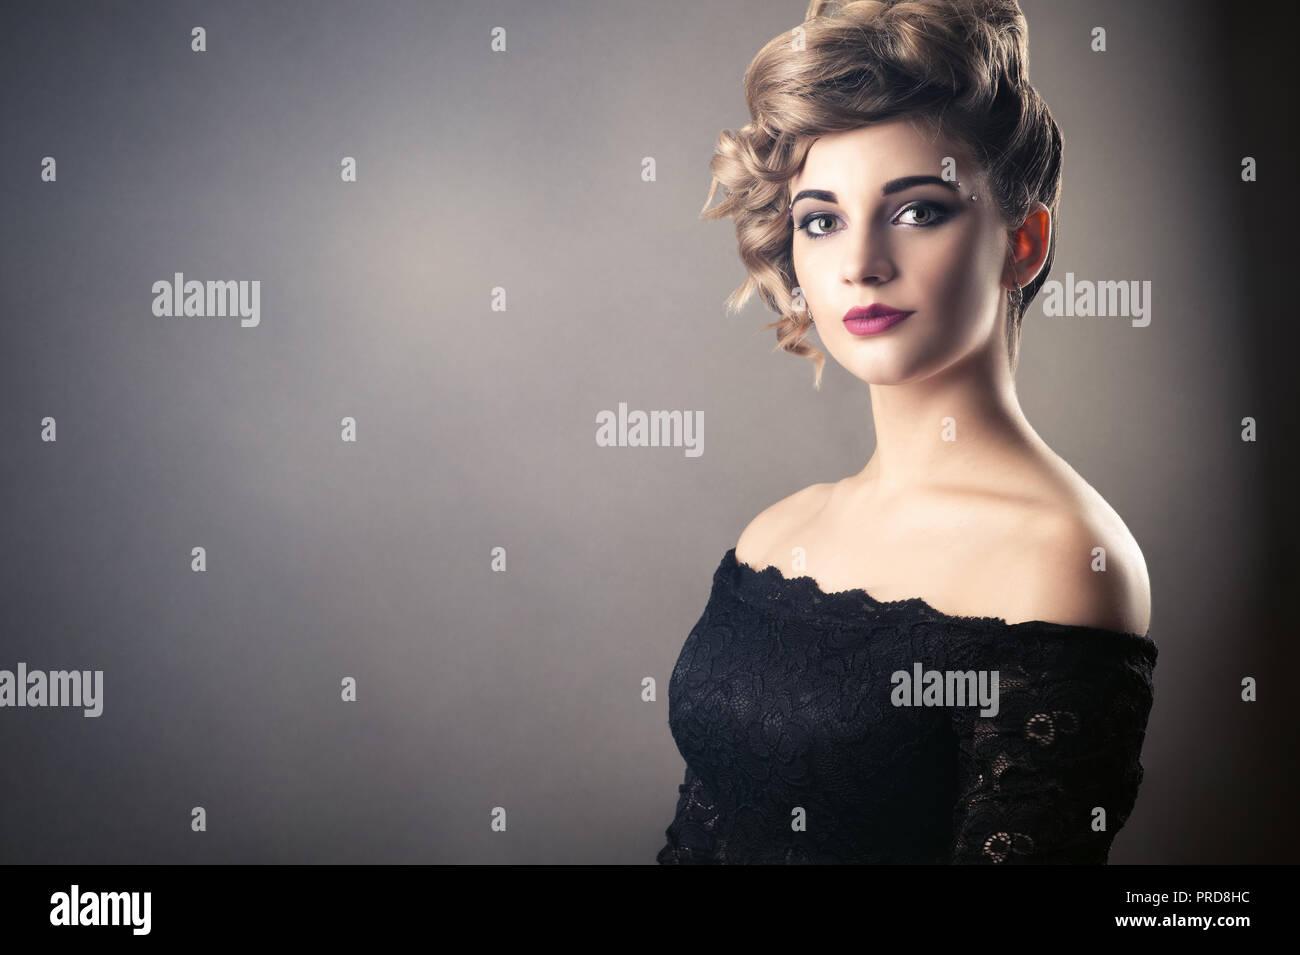 Encantadora Mujer Rubia Con Peinado Retro Foto Imagen De Stock